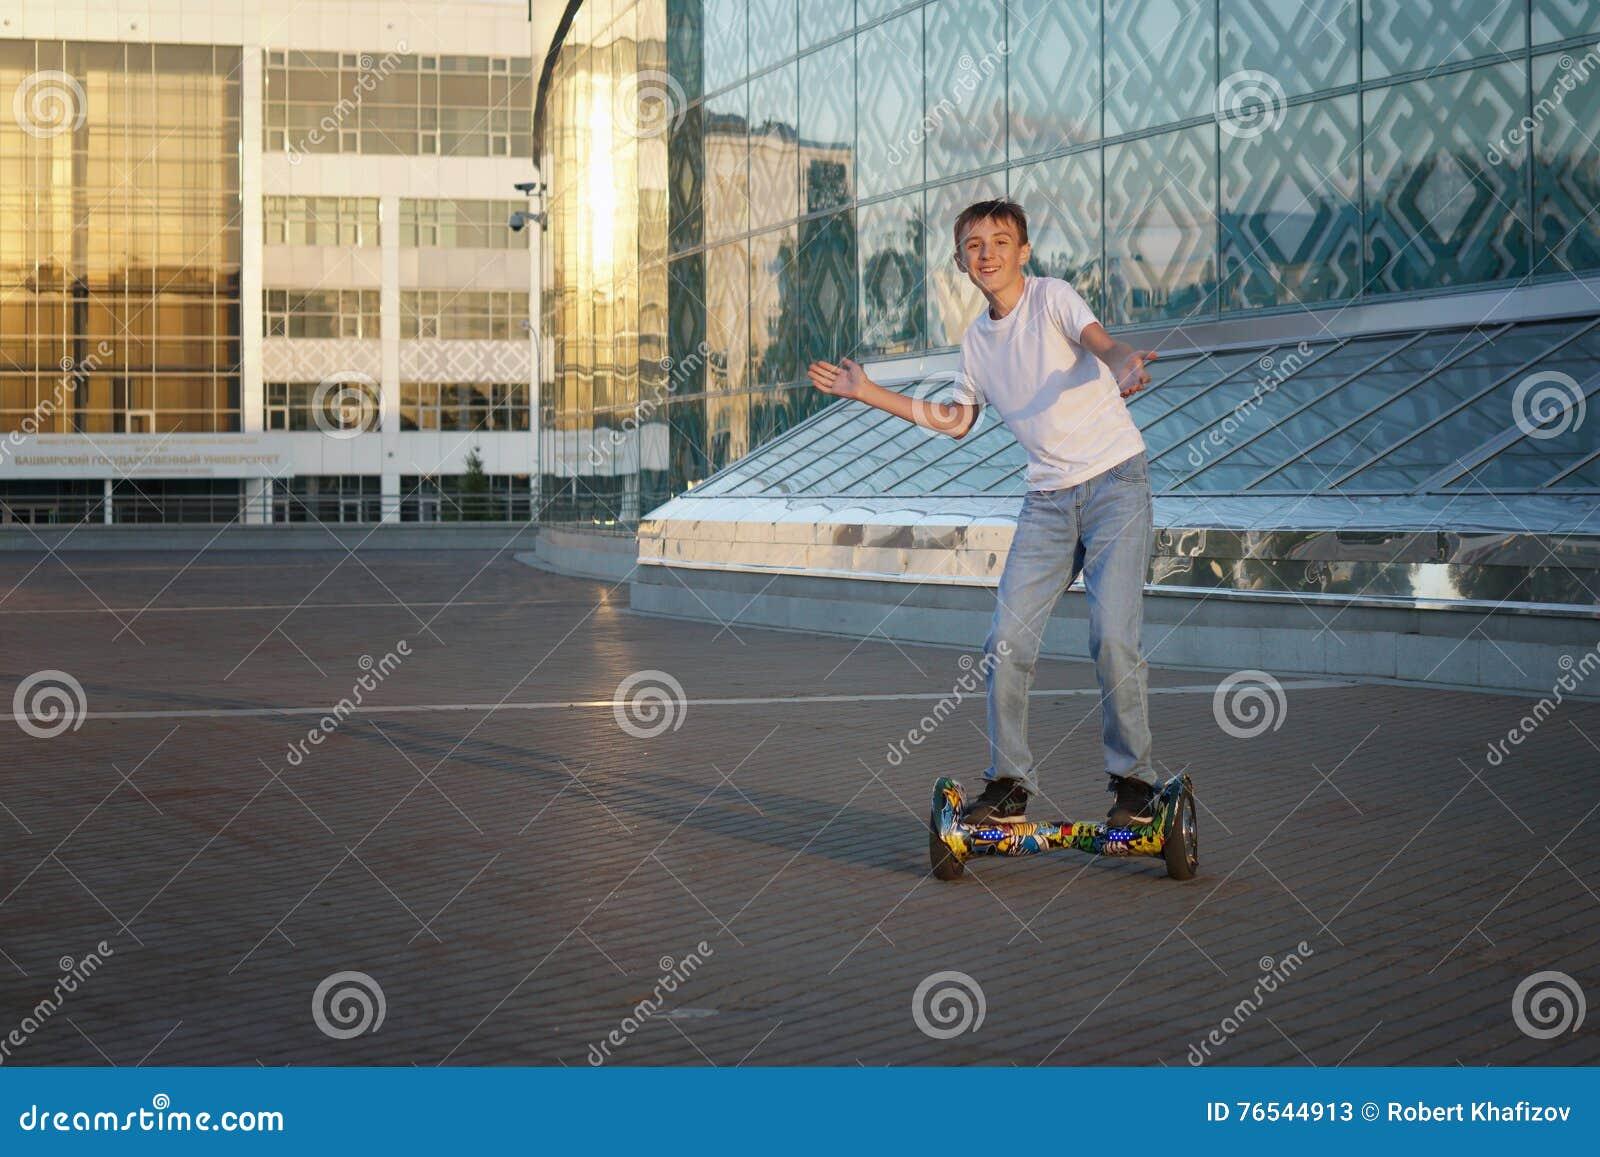 Passeios adolescentes um gyroscooter, com um sorriso e umas emoções positivas